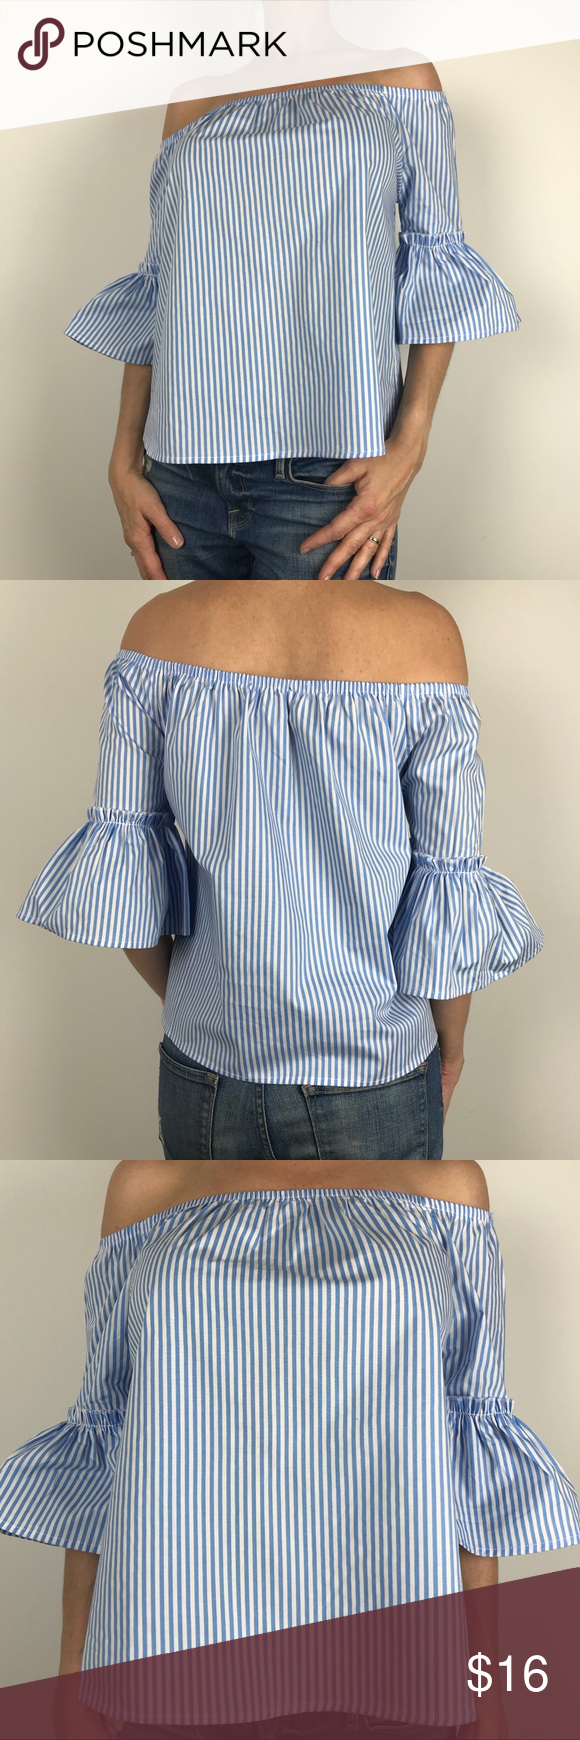 9041c1f2af759 Ambiance off-shoulder stripe blouse Ambiance off-shoulder stripe 3 4 bell  sleeve